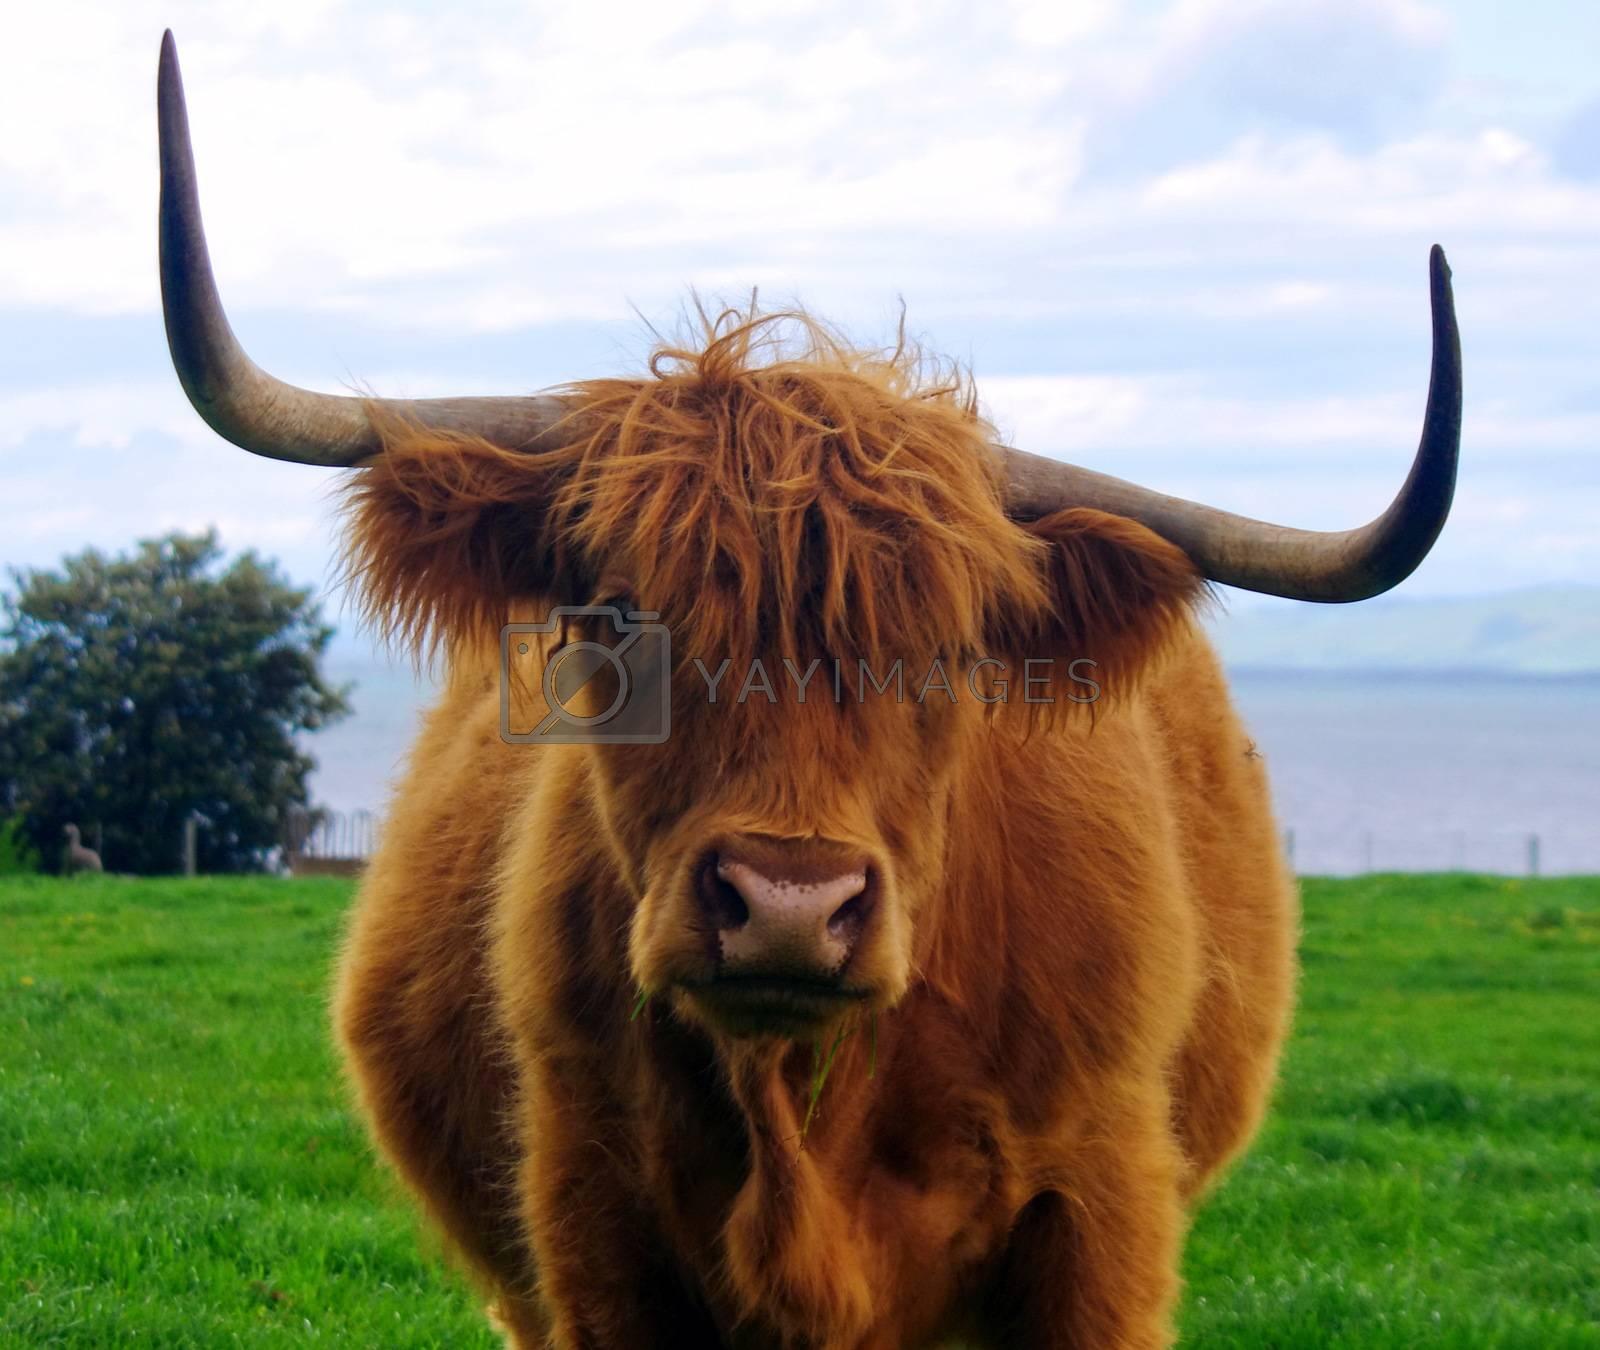 portrait of eating bull